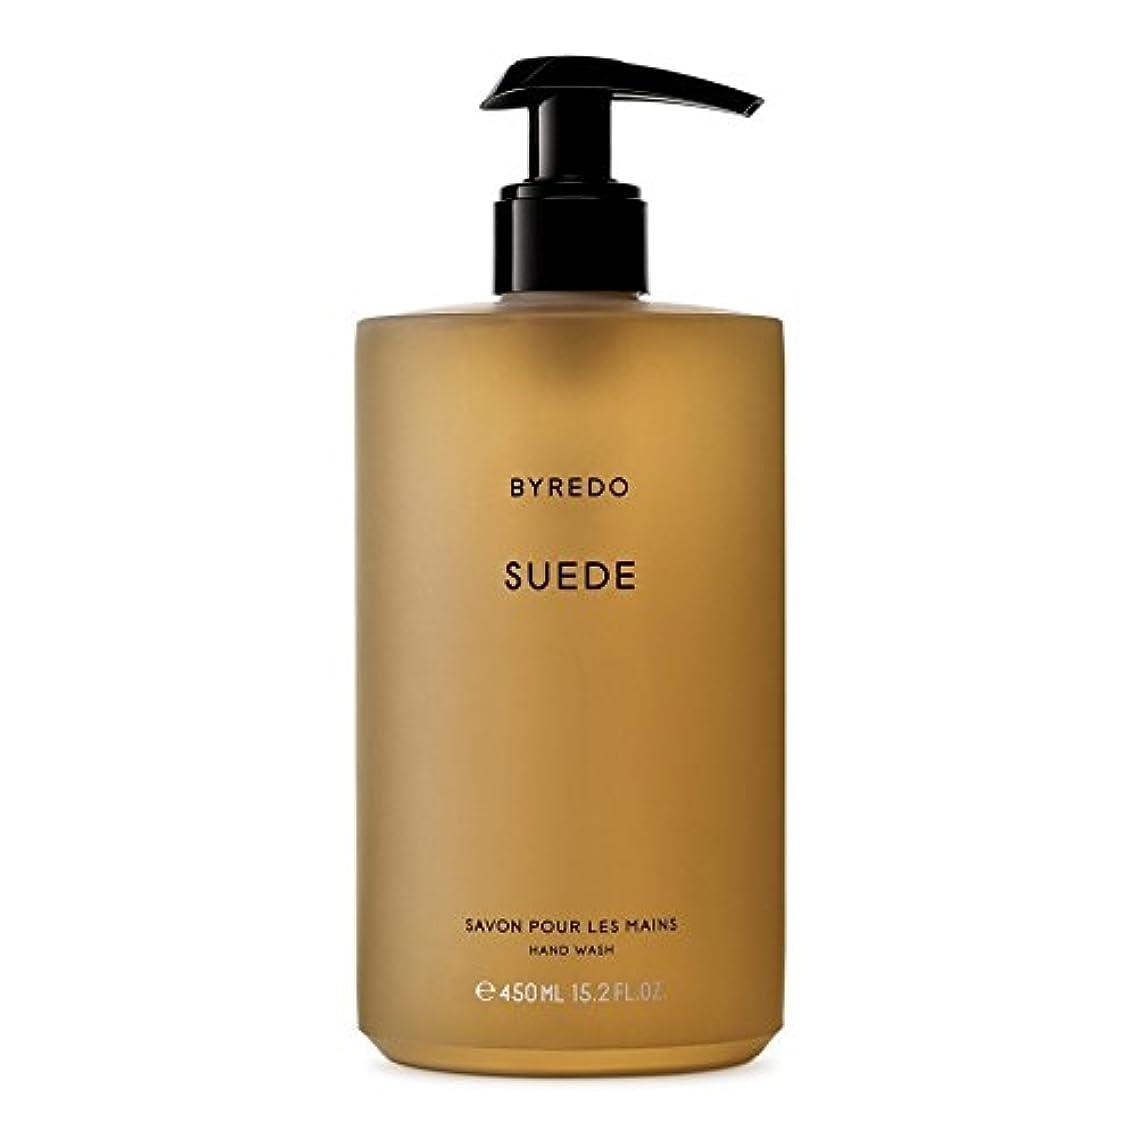 ガレージシロクマキャッシュByredo Suede Hand Wash 450ml - スエードのハンドウォッシュ450ミリリットル [並行輸入品]